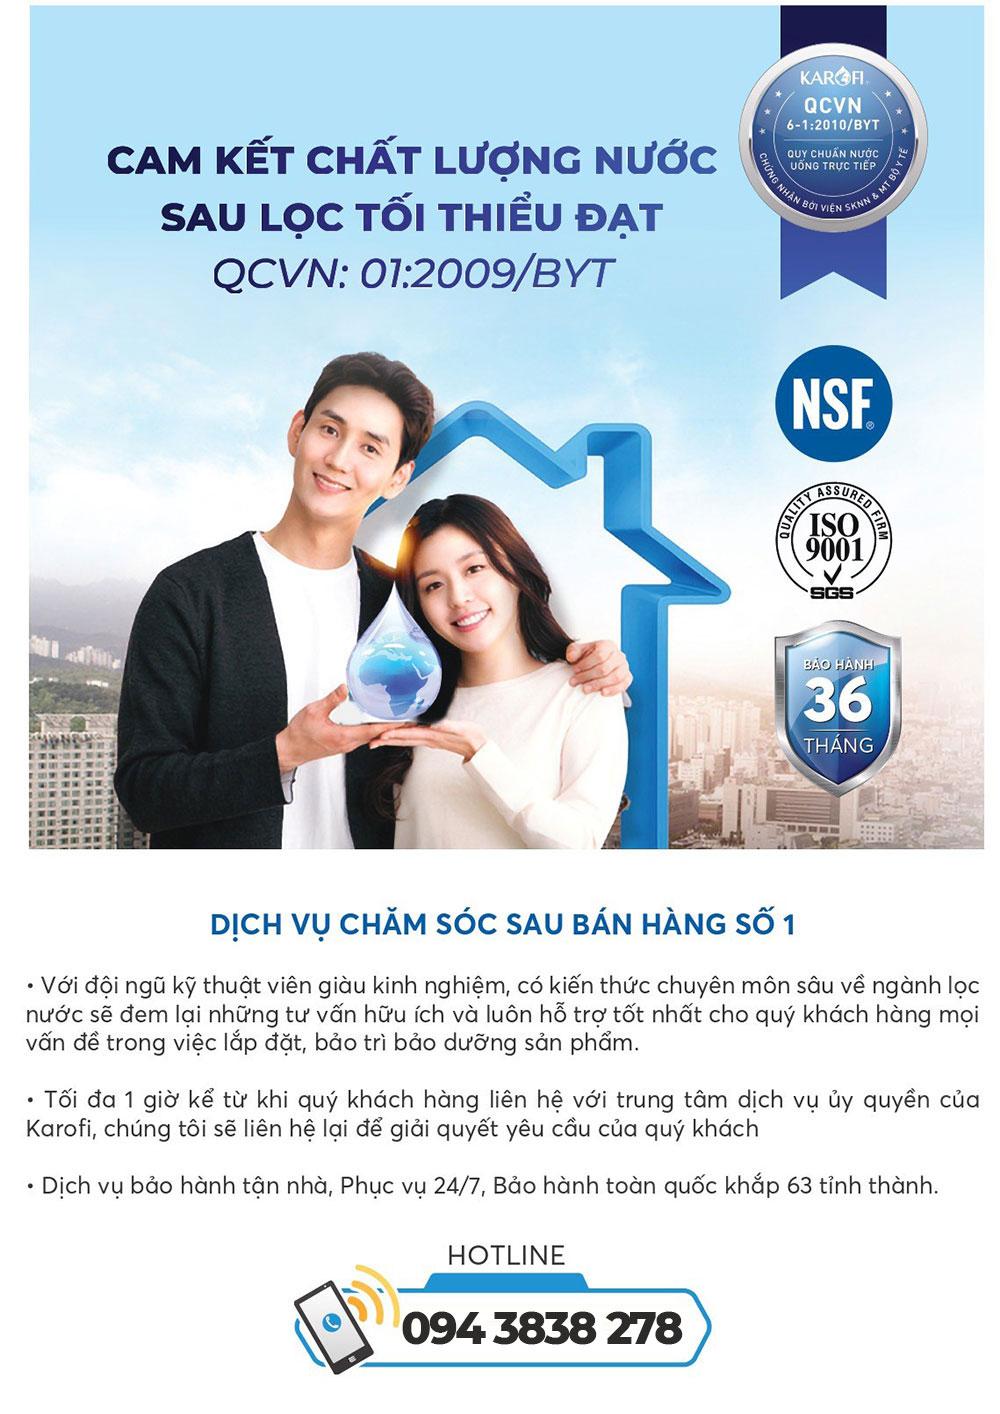 Tinh Nang 552 662 5 221